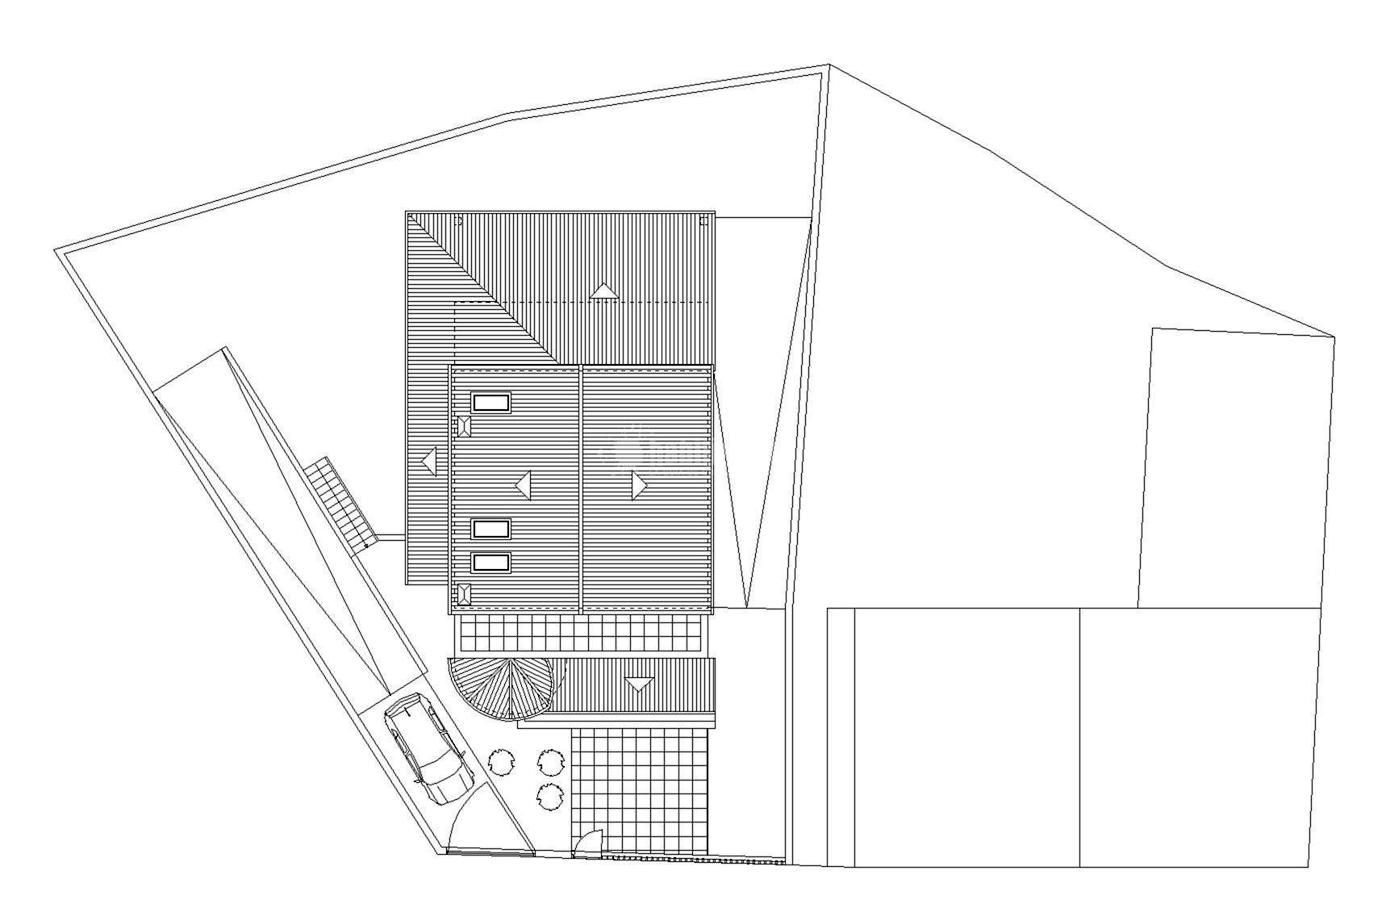 Proyecto de vivienda unifamiliar aislada